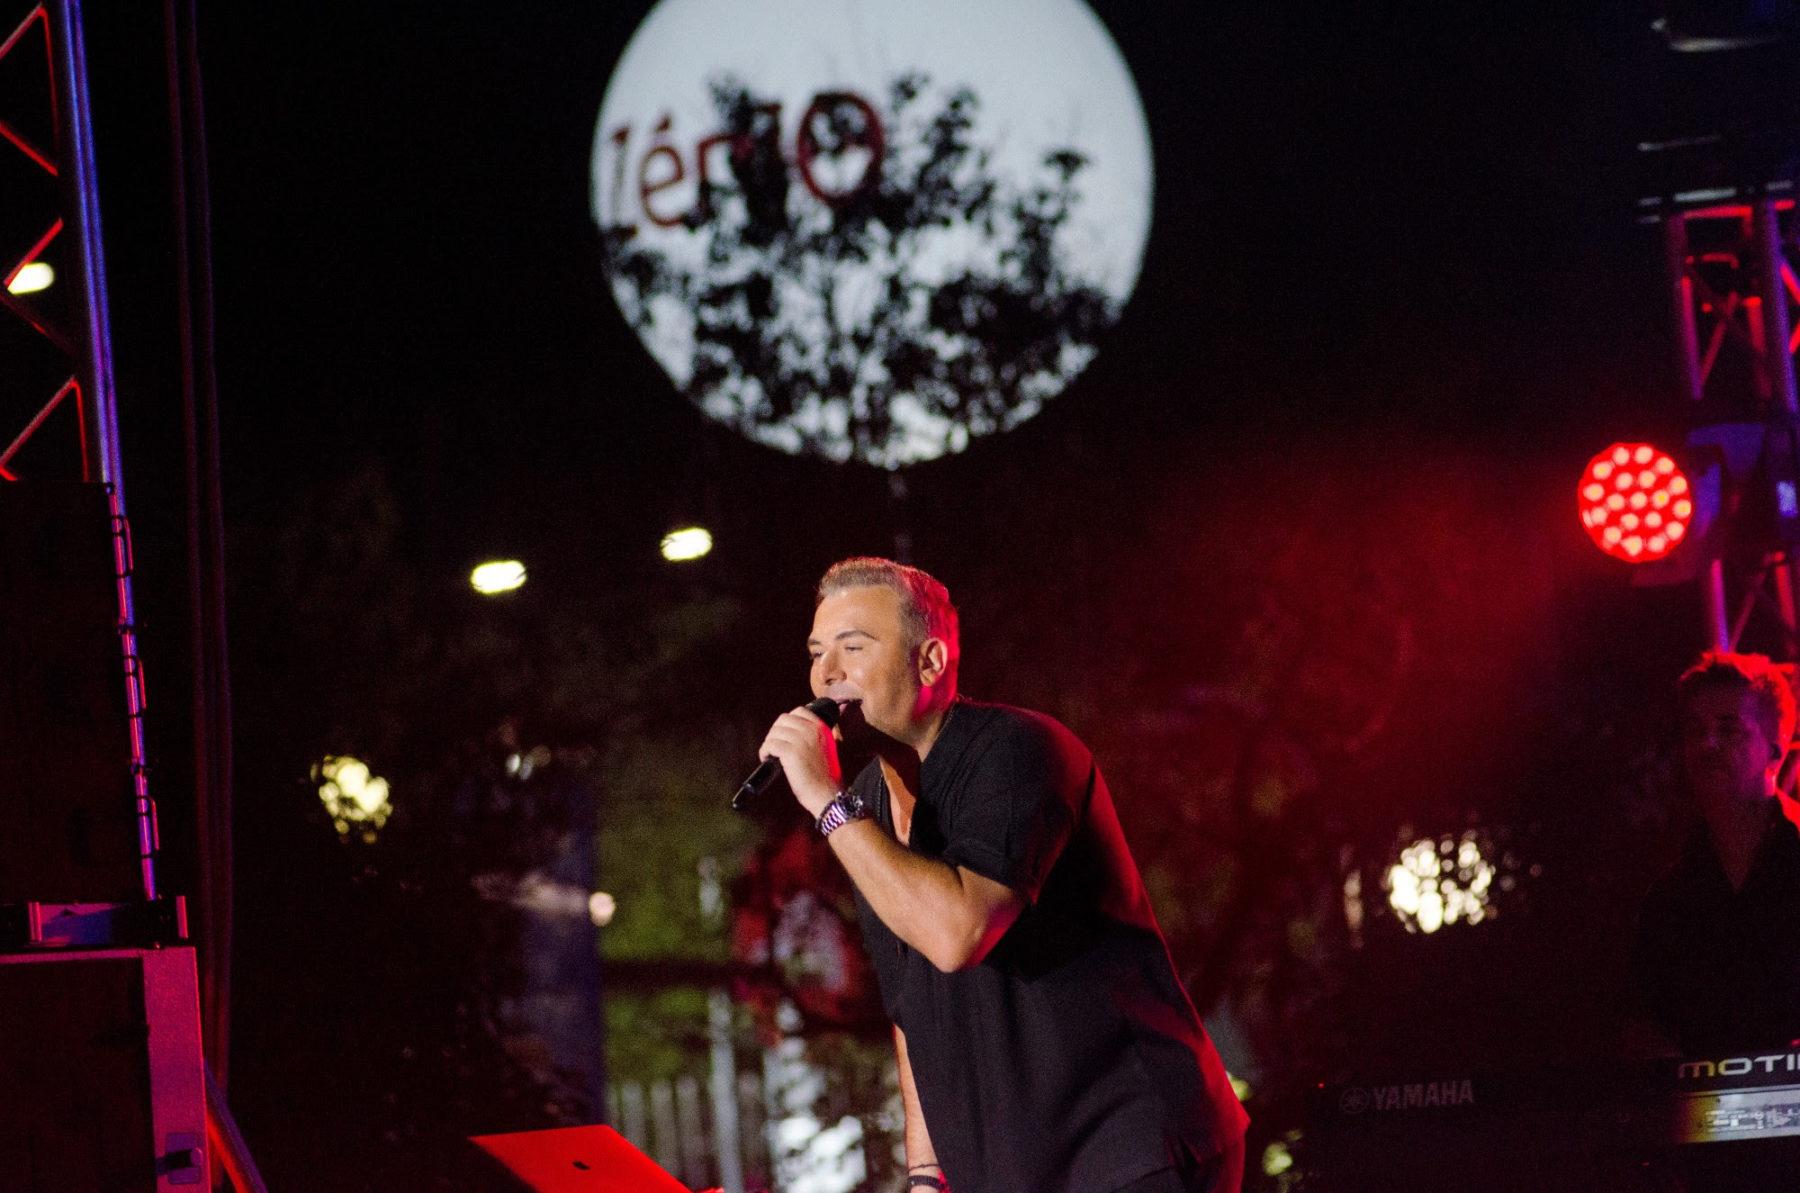 Αντώνης Ρέμος: Sold out οι συναυλίες του σε Αθήνα και Θεσσαλονίκη – Φωτογραφίες